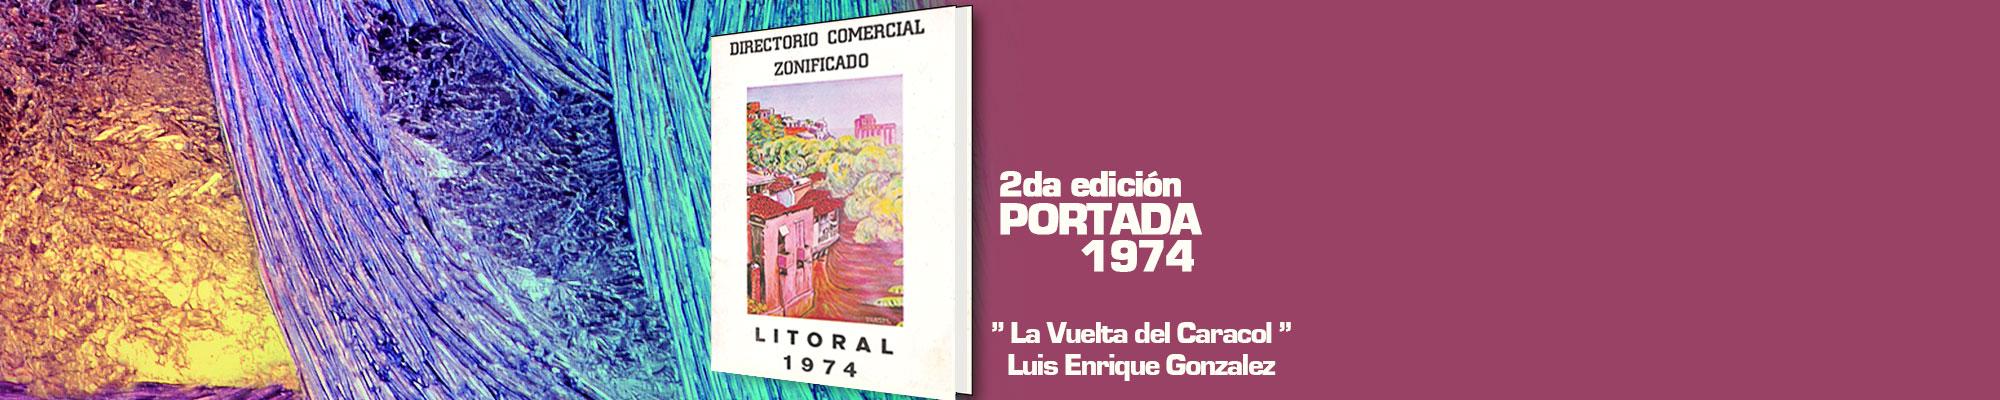 luis-enrique-gonzalez-segunda-edicion-litocen-1974